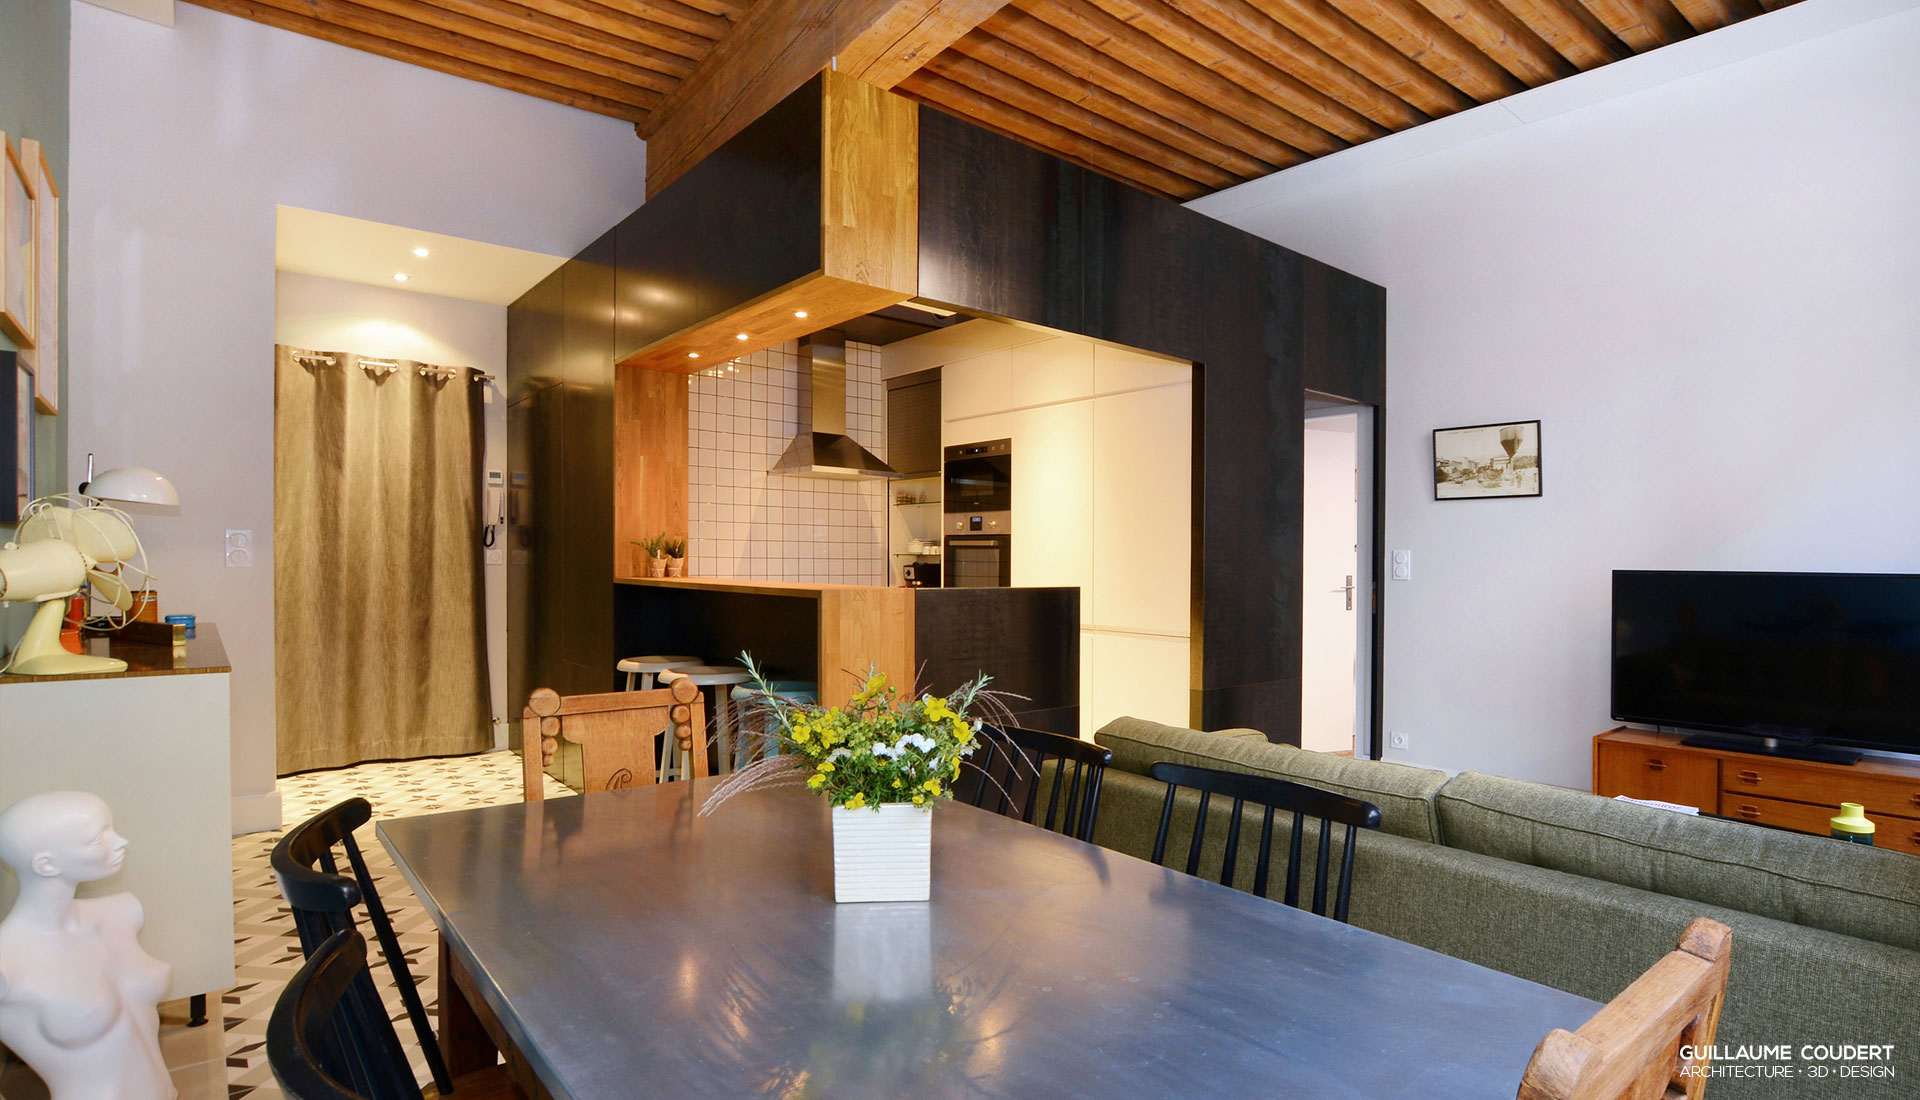 guillaume coudert architecture d 39 int rieur architecture 3d design. Black Bedroom Furniture Sets. Home Design Ideas